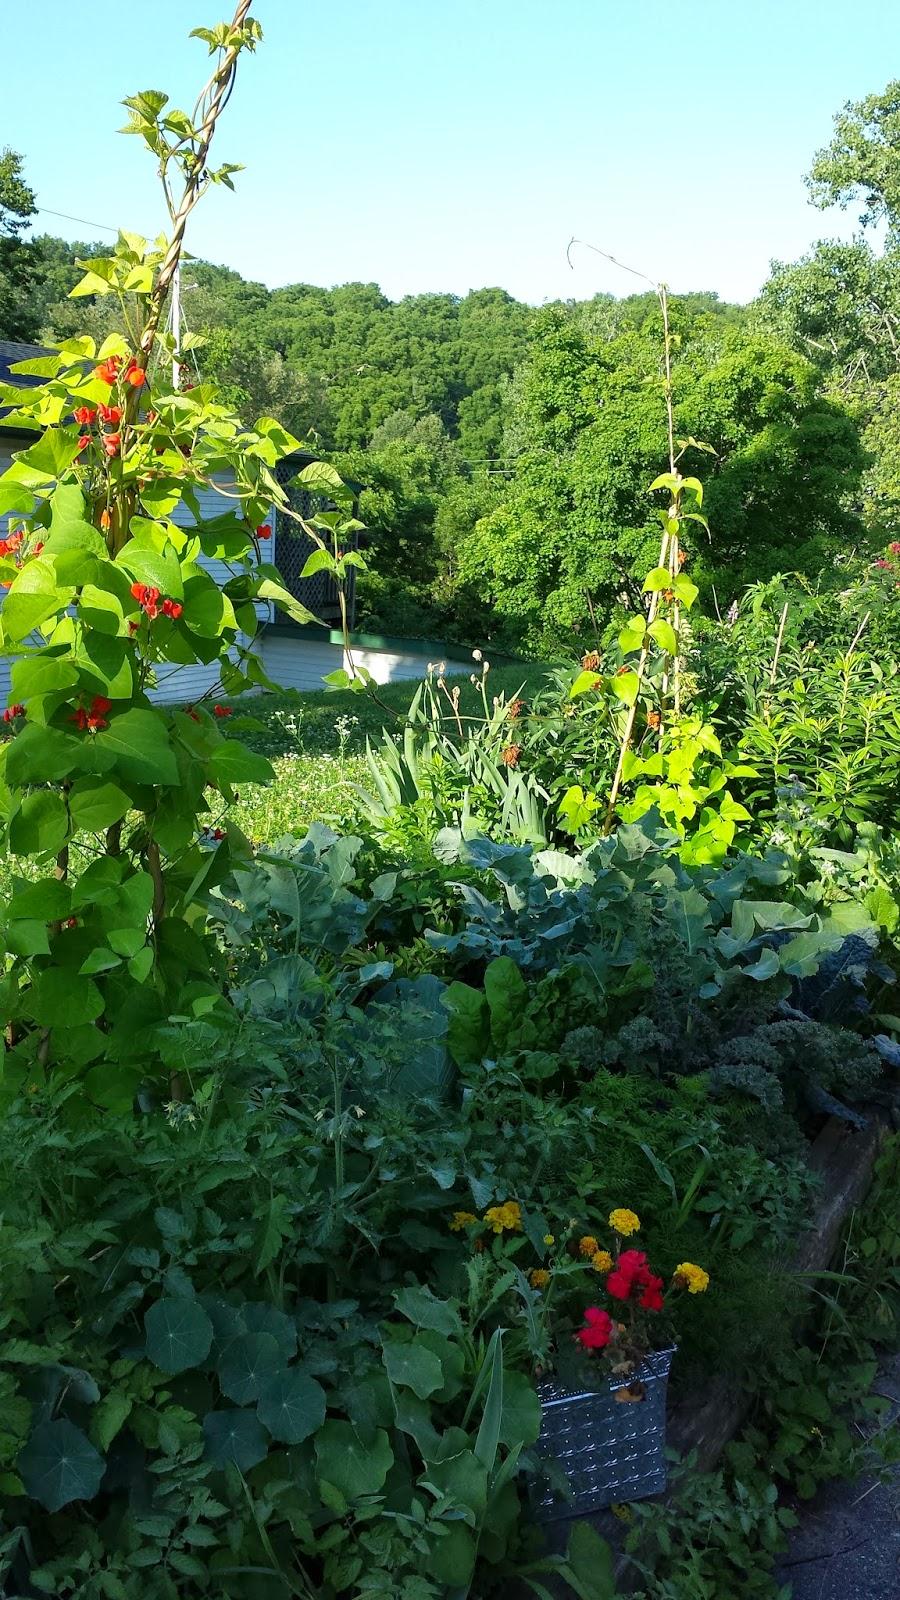 garden July 11 2014